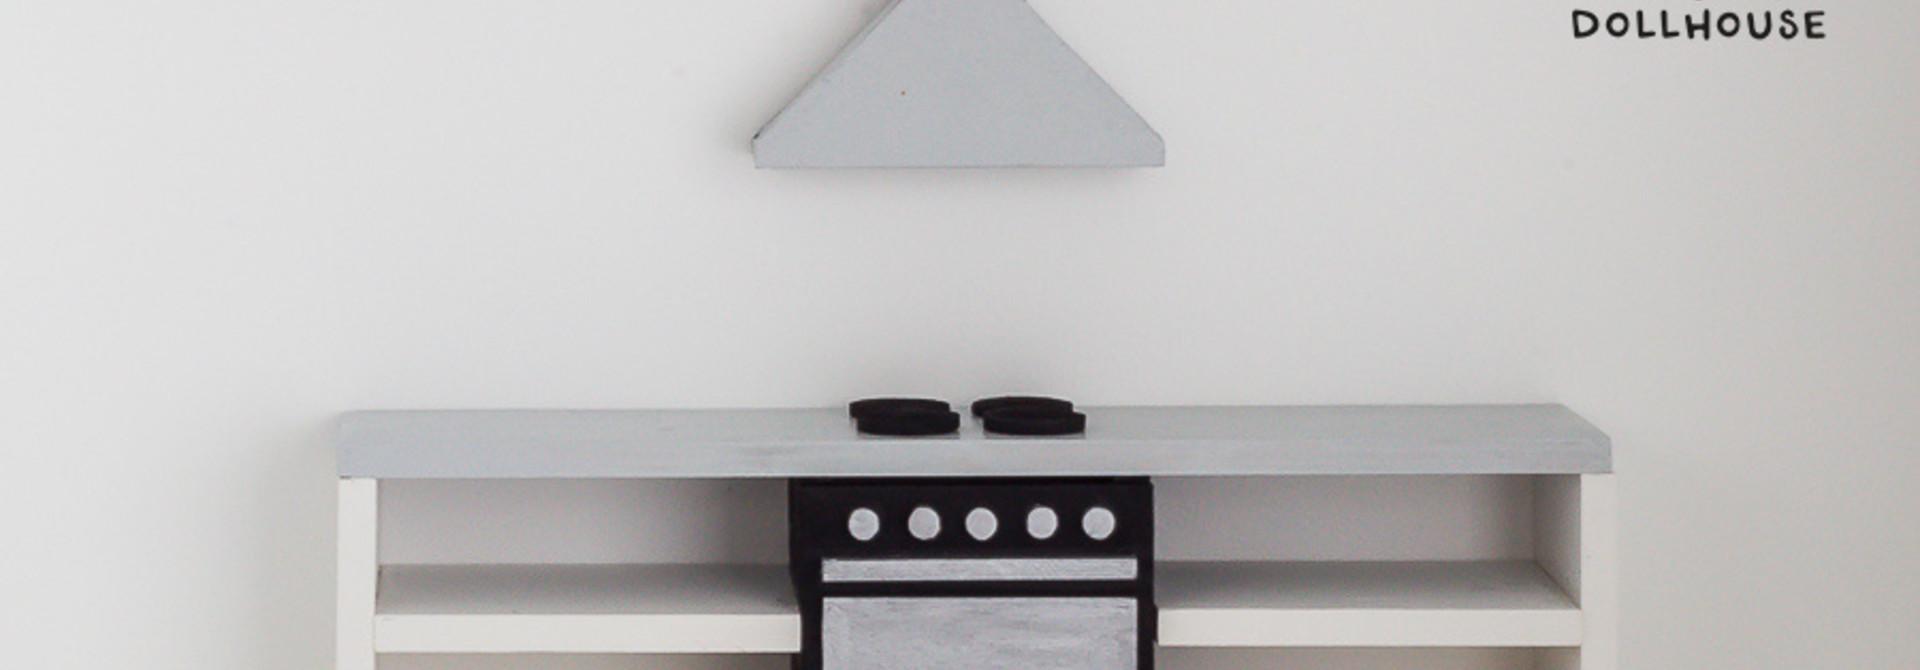 Keuken Betonlook met oven 25 cm